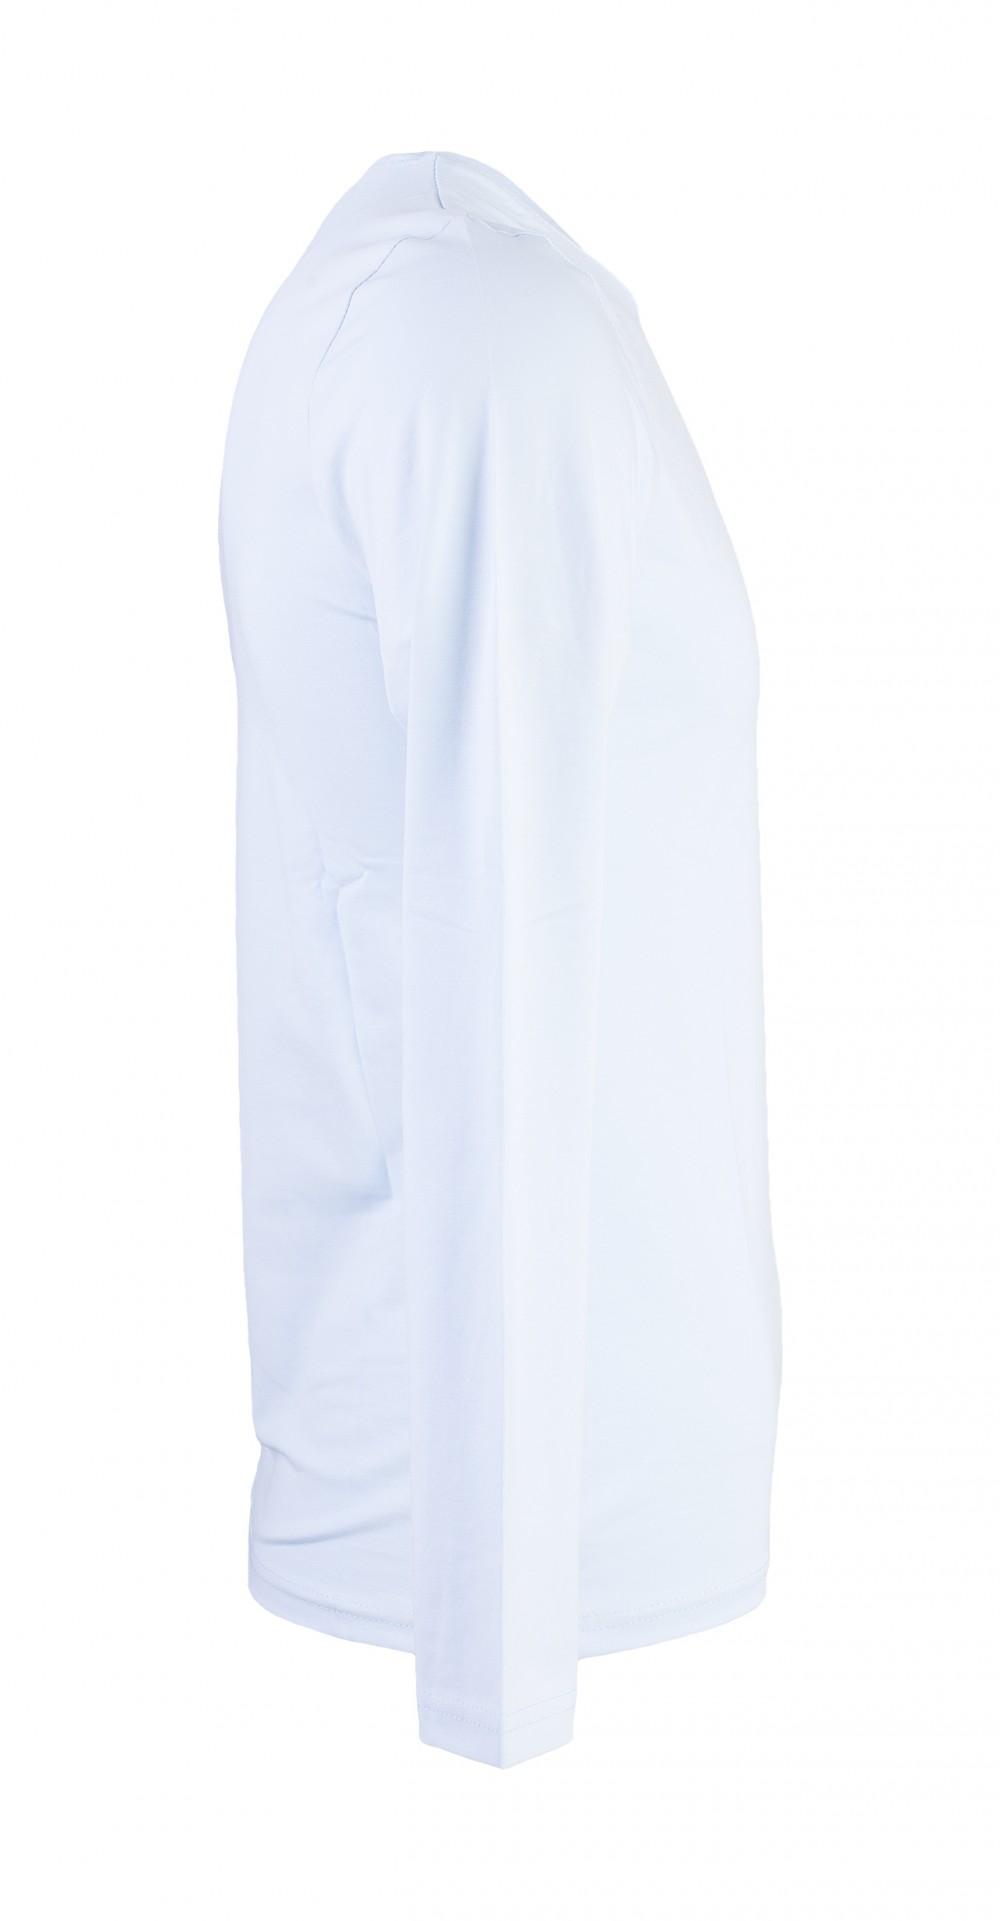 Áo thun tay dài xanh da trời at748 - 2